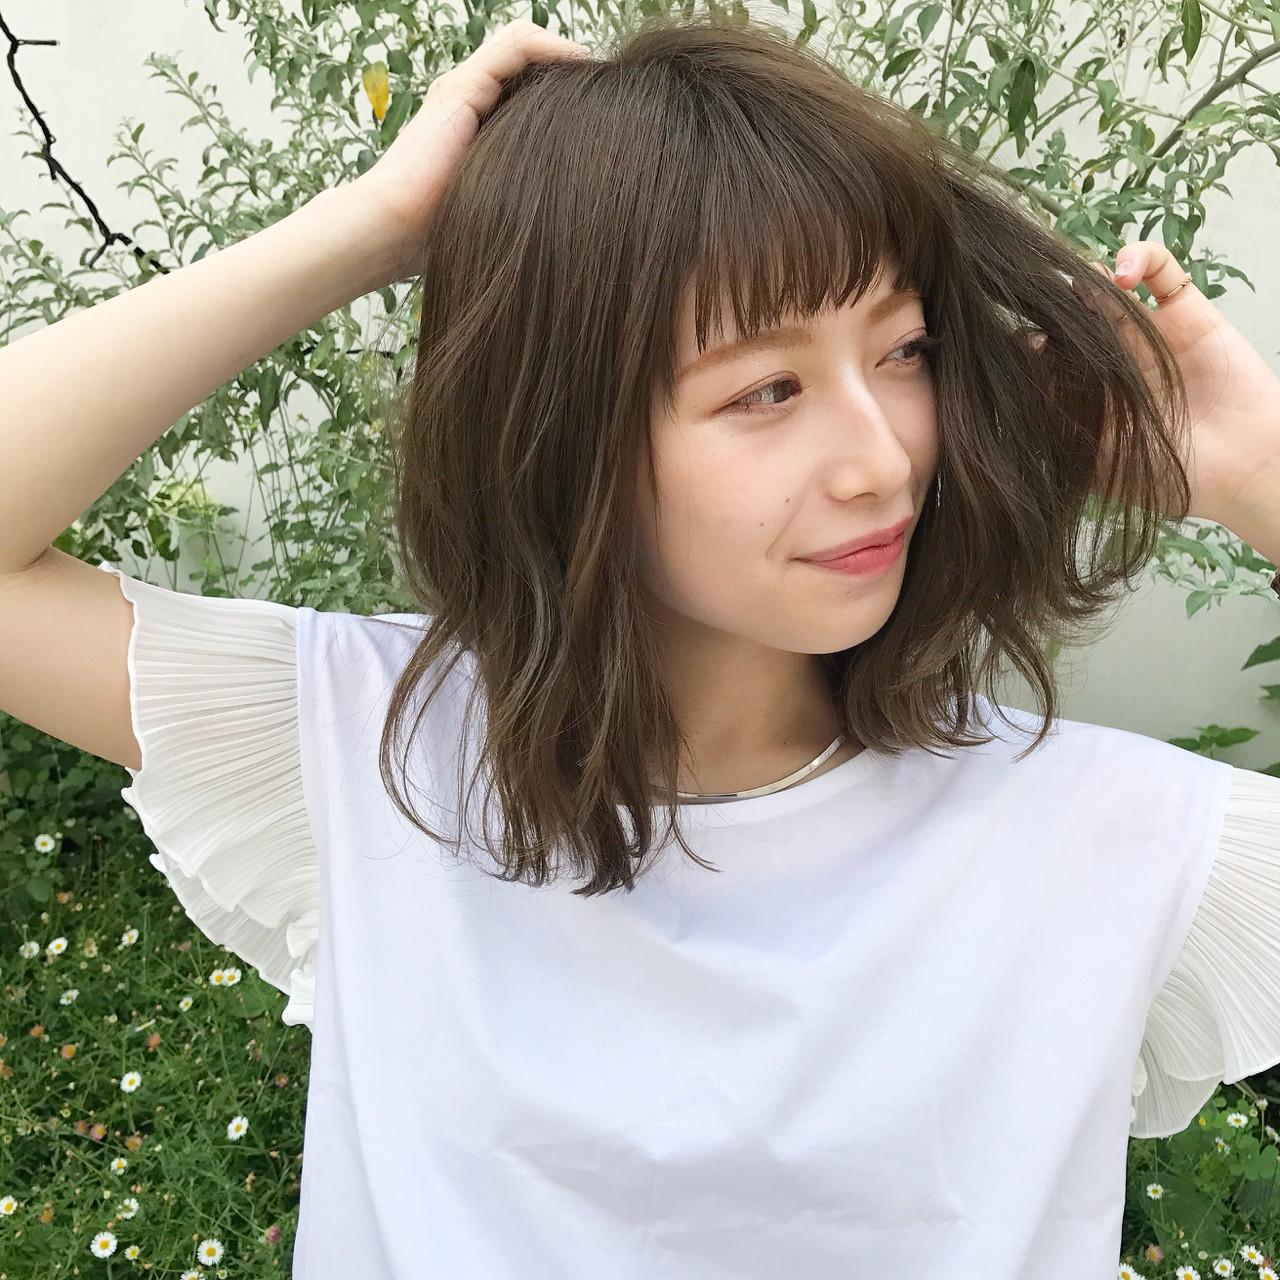 カーキアッシュ ミディアム 抜け感 グレージュ ヘアスタイルや髪型の写真・画像 | 伊藤愛子 GARDEN / GARDEN  omotesando